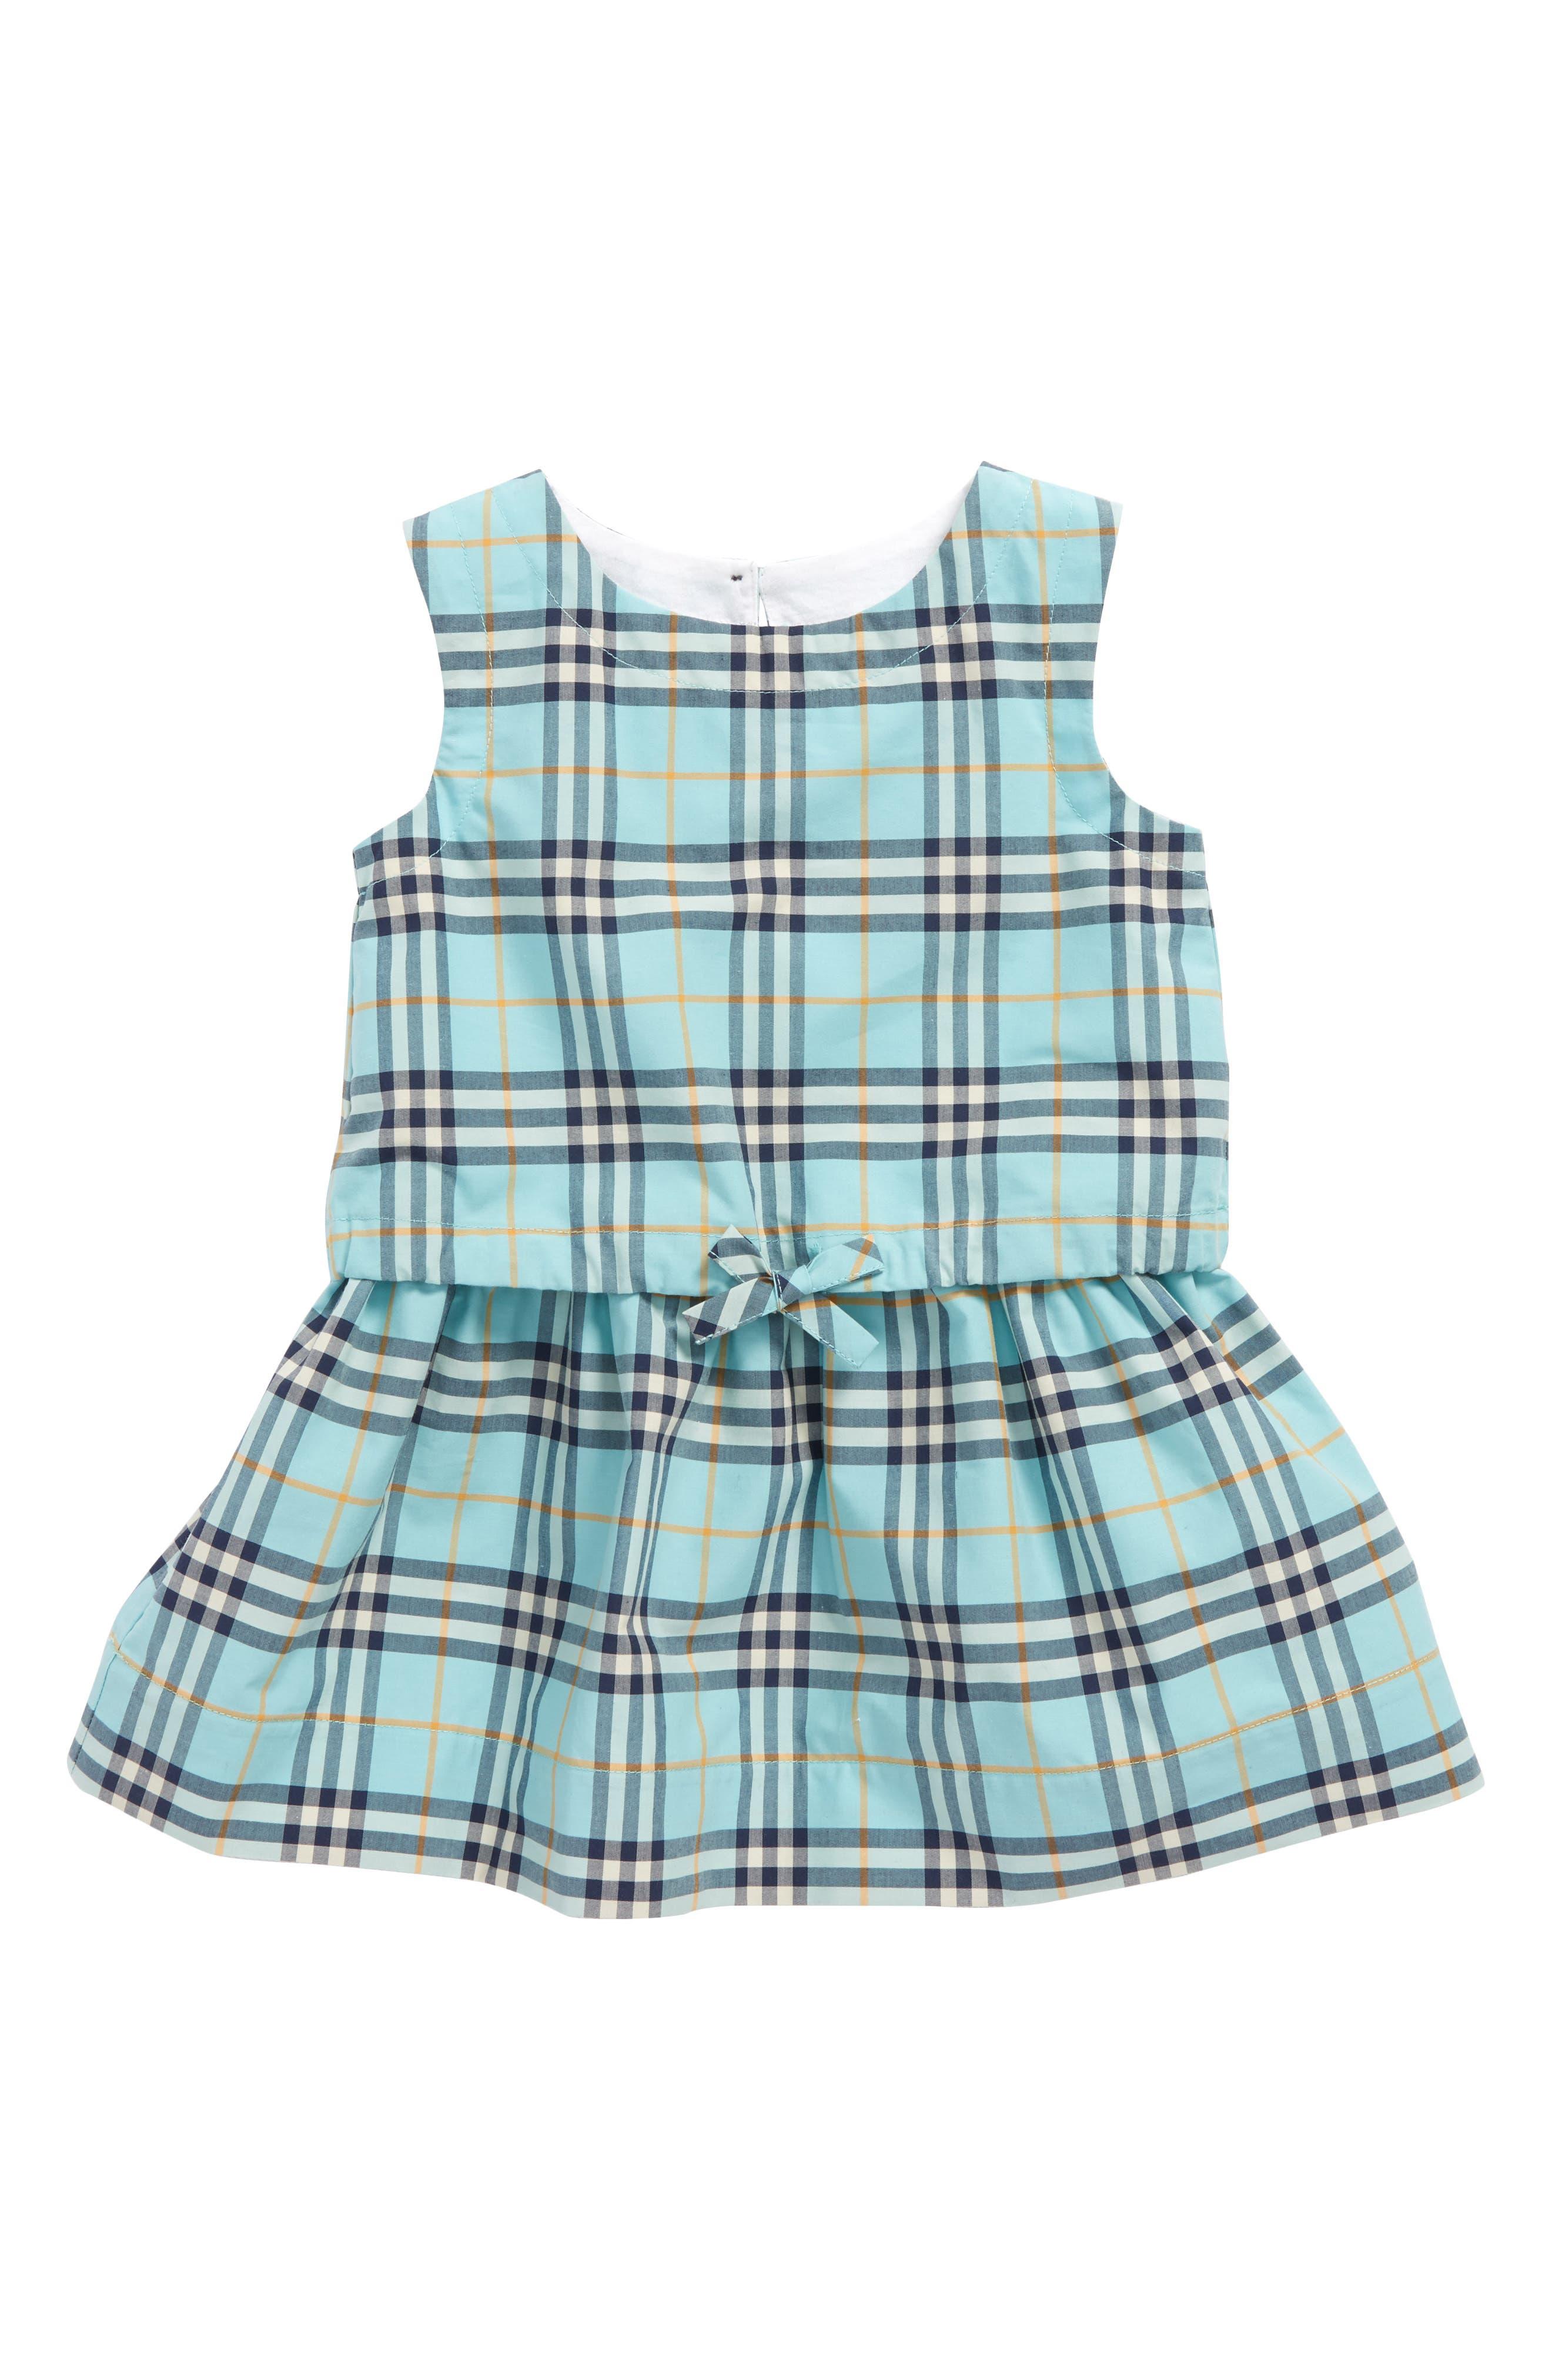 Mabel Check Dress,                         Main,                         color, BRIGHT AQUA